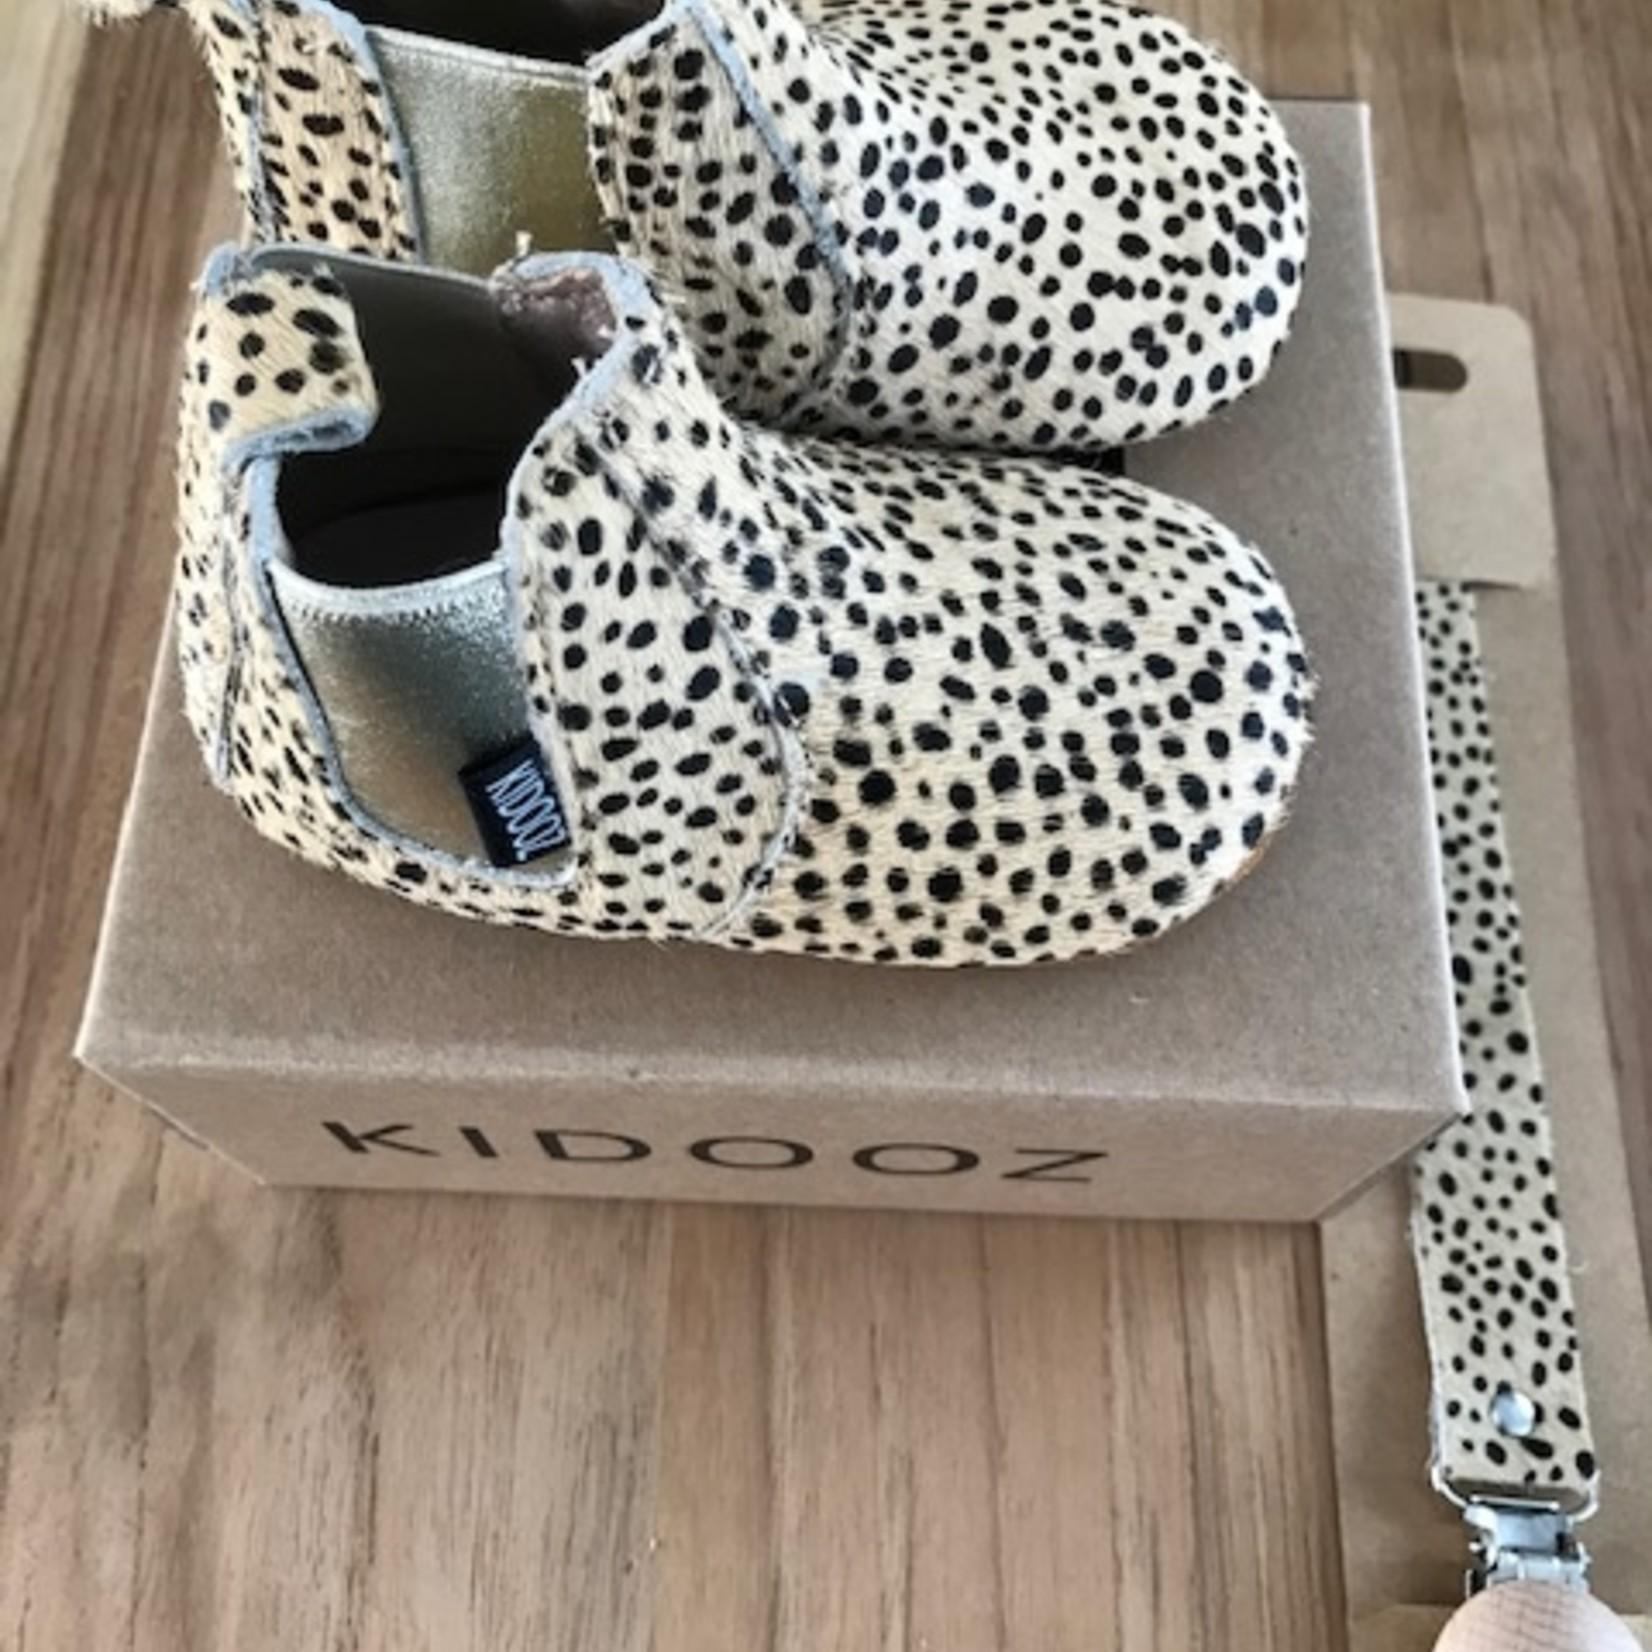 Kidooz Kidooz Boots Cheetah